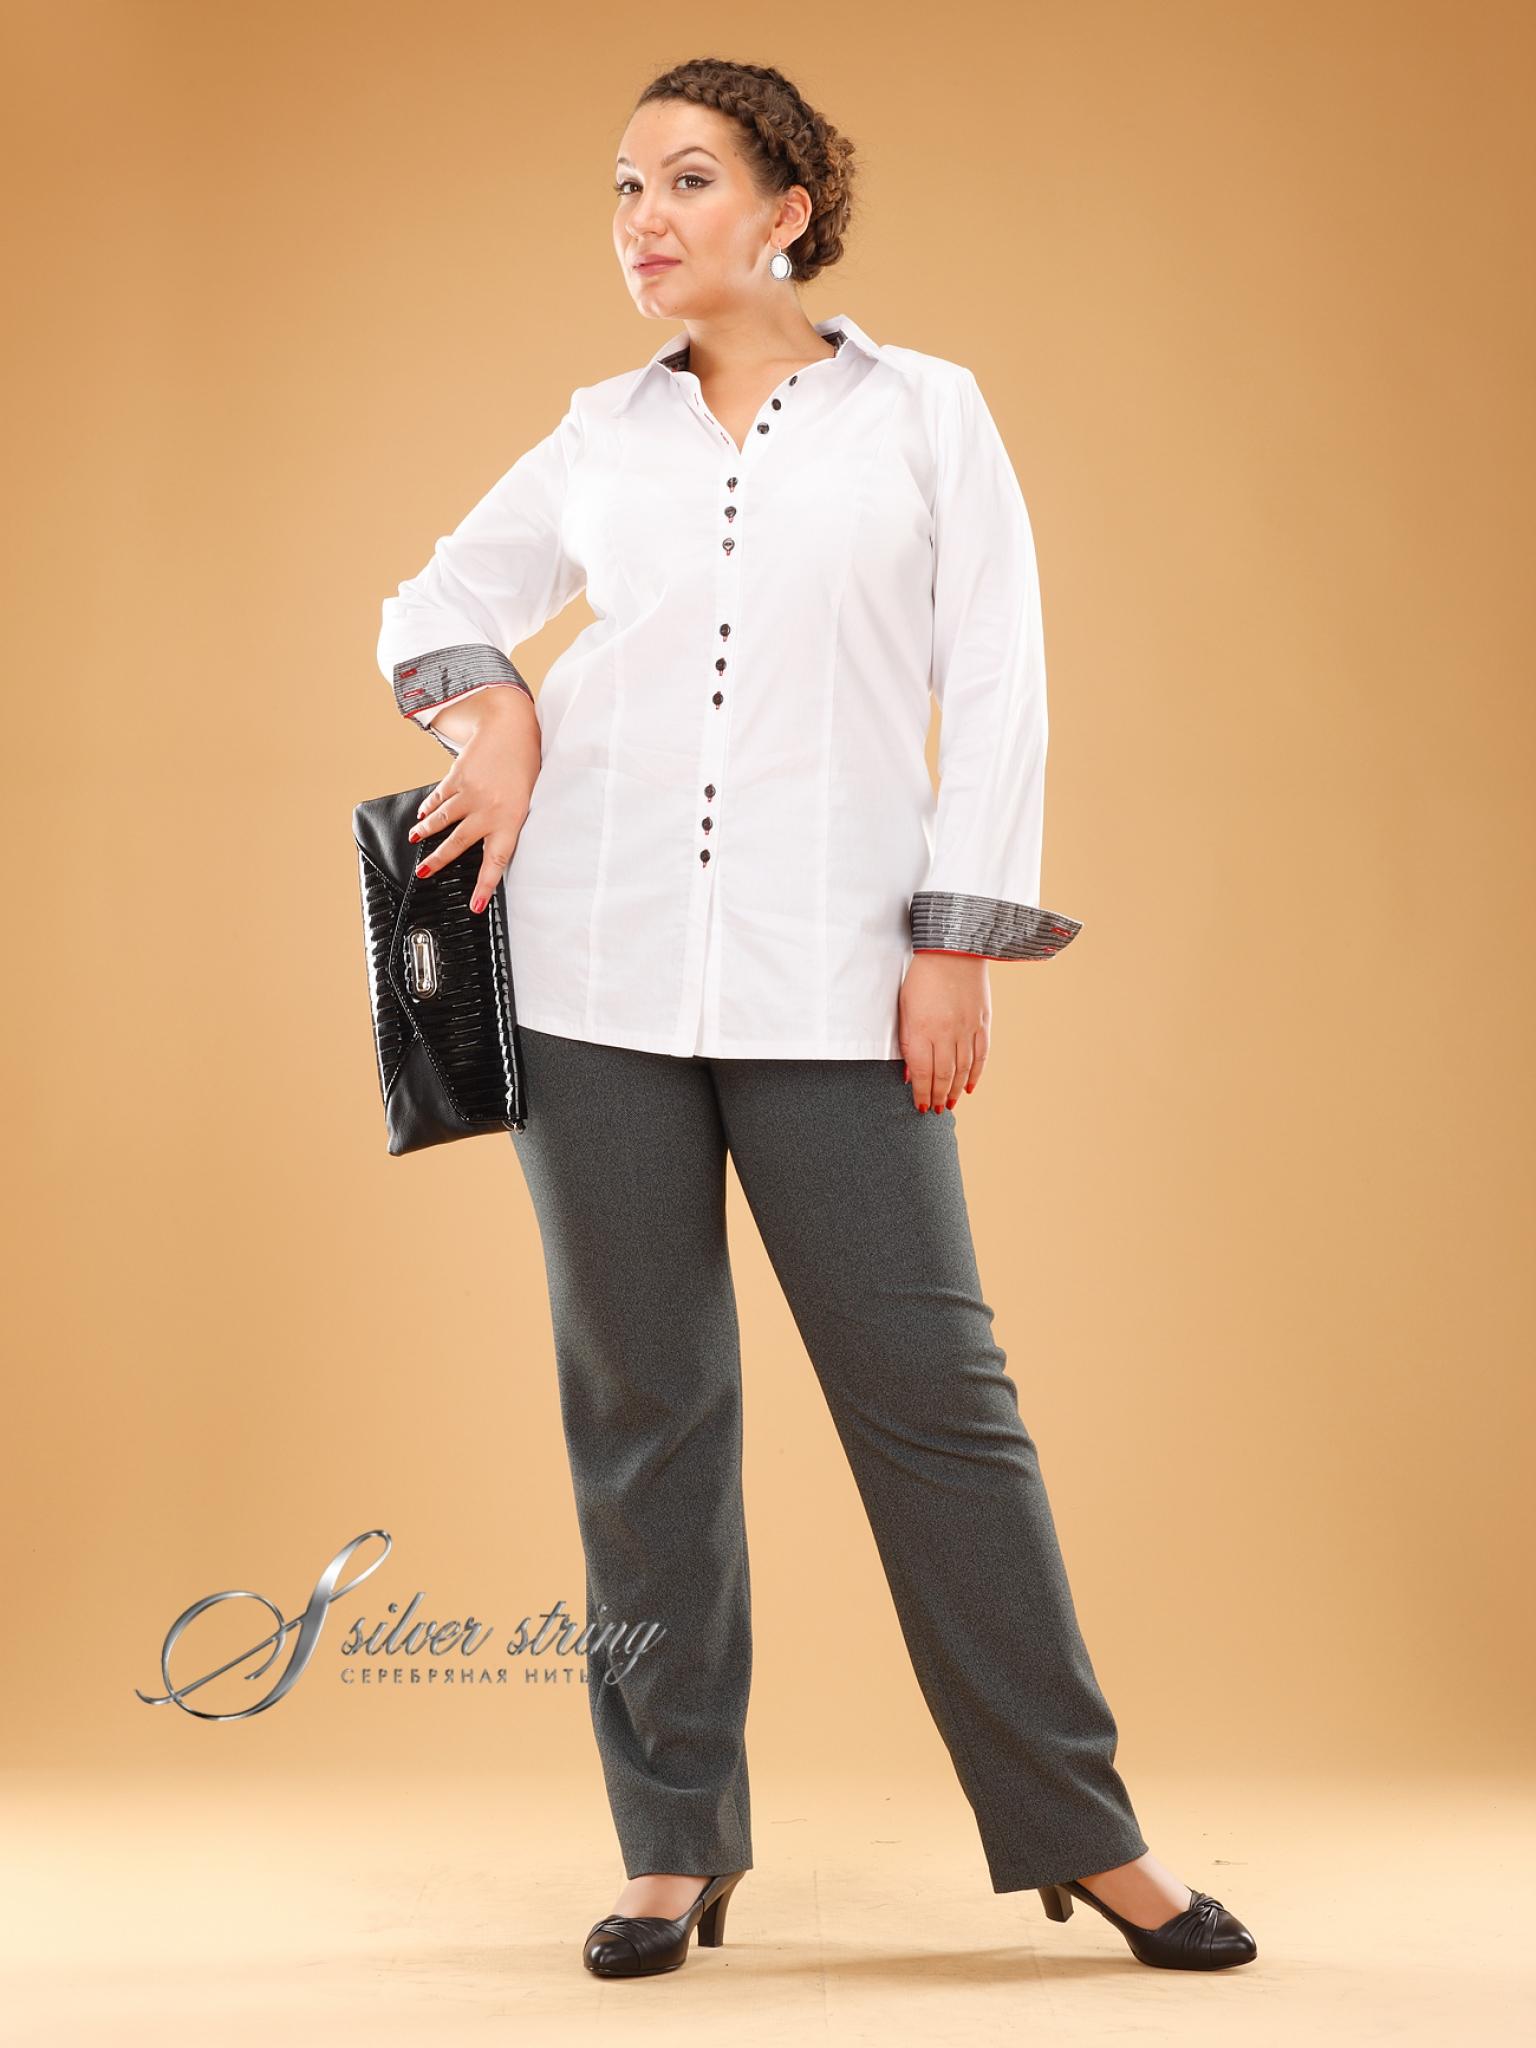 Женская Одежда Больших Размеров Франция